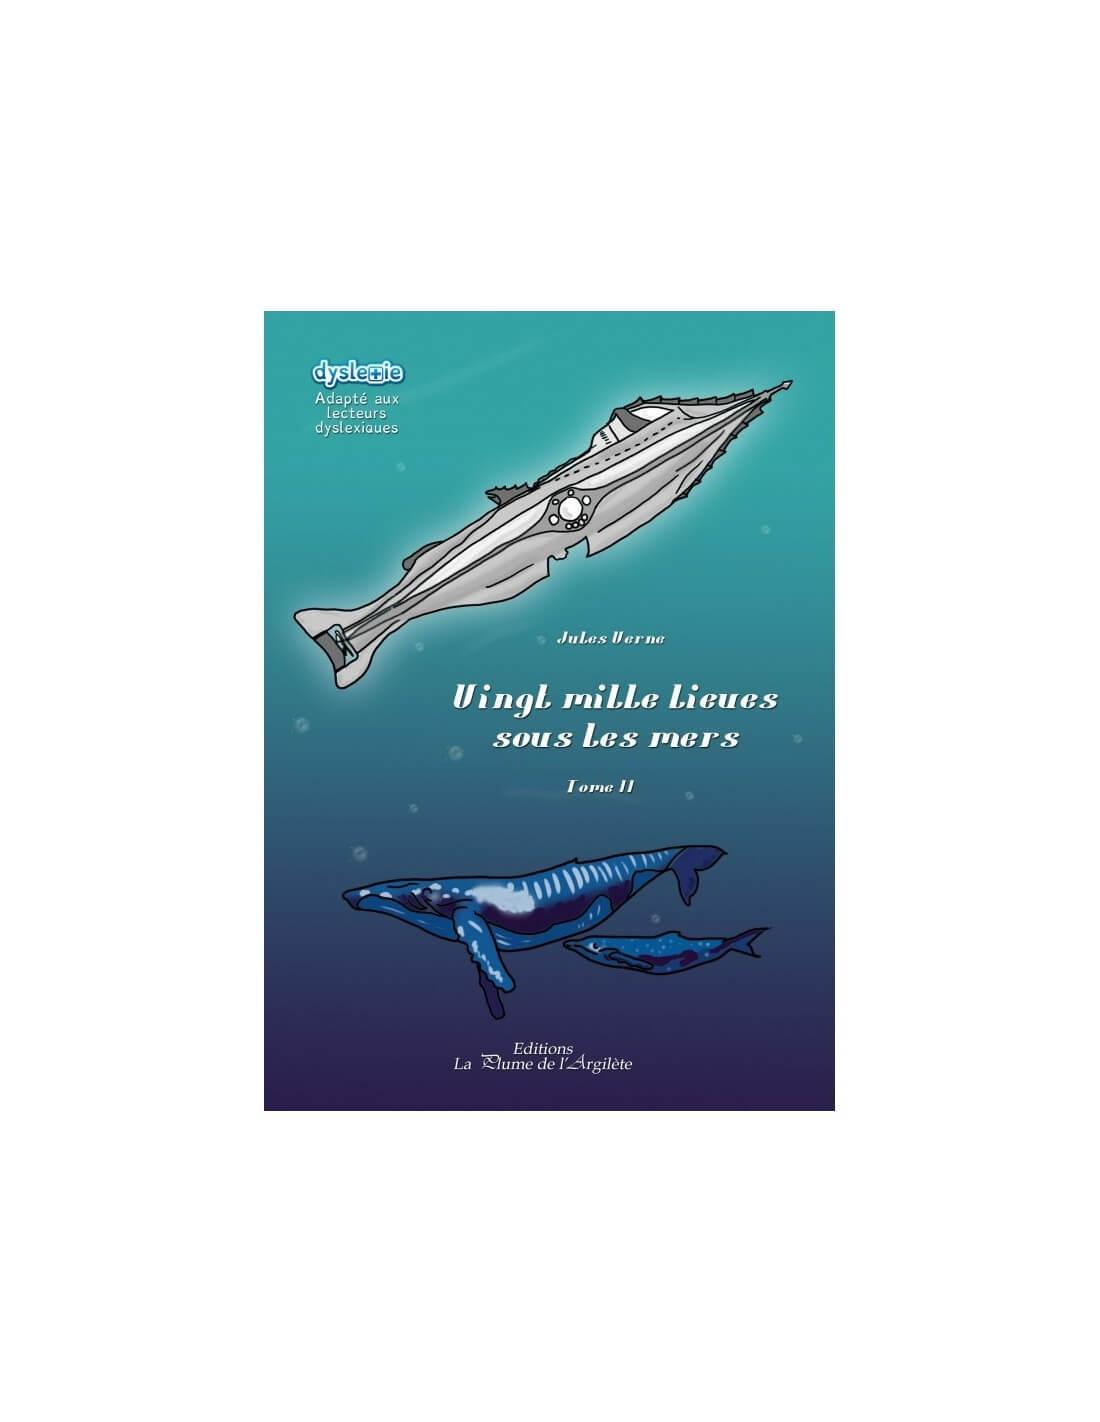 Vingt mille lieues sous les mers - Tome 2 Image